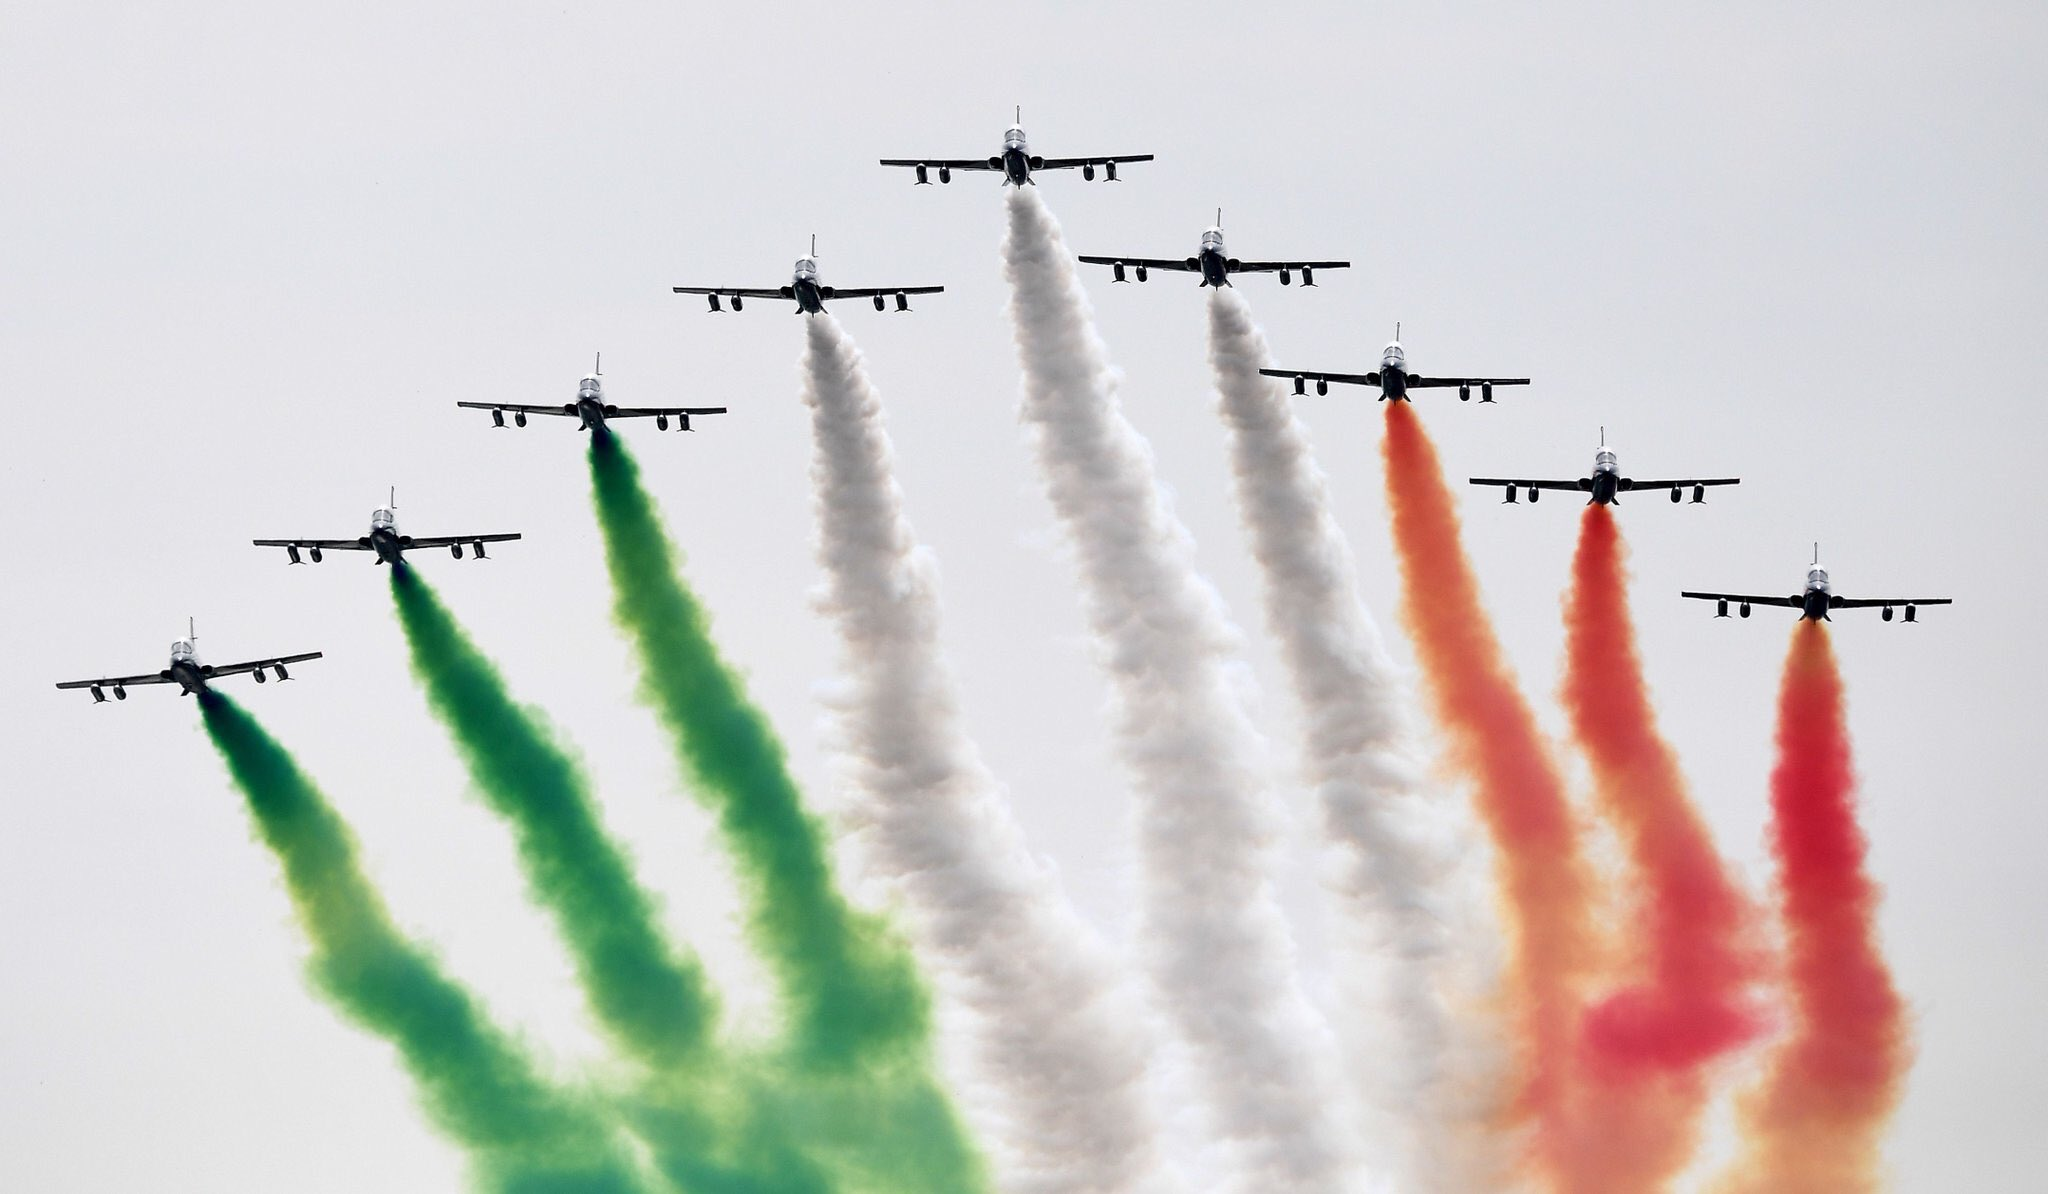 Самолёты раскрашивают небо в цвет флага Италии перед началом гран-при